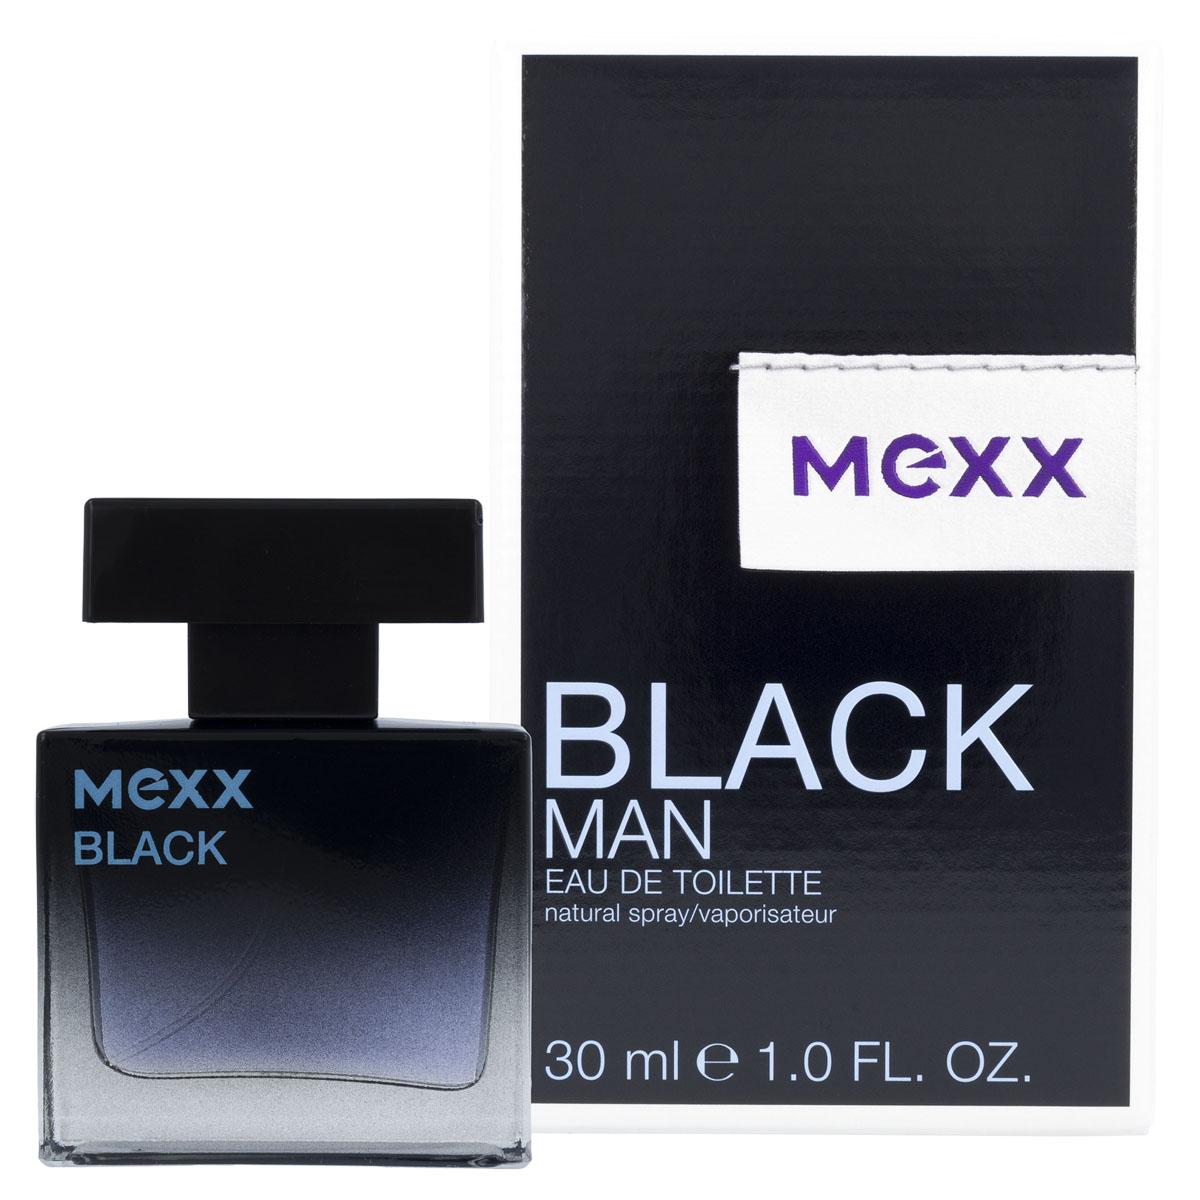 """Mexx Black Man Туалетная вода, 30 мл0737052681900Элегантный и стильный. Серьезный и сексуальный. Это черный. С черным цветом он чувствует, что готов к любым непредсказуемым событиям, которые могут с ним произойти… Его интеллект и жажда новых эмоций раскрывают характер современного мужчины. С """"Mexx Black"""" он чувствует энергию и уверенность в собственном успехе.Дизайн флакона строгий и лаконичный: прямоугольный блок из массивного стекла, плавный переход от таинственного черного к сдержанному голубому цвету подчеркивают престиж и современность аромата. Упаковка играет визуальными эффектами.Ключевые слова: Мужественный, элегантный, харизматичный, уверенный, благородный"""